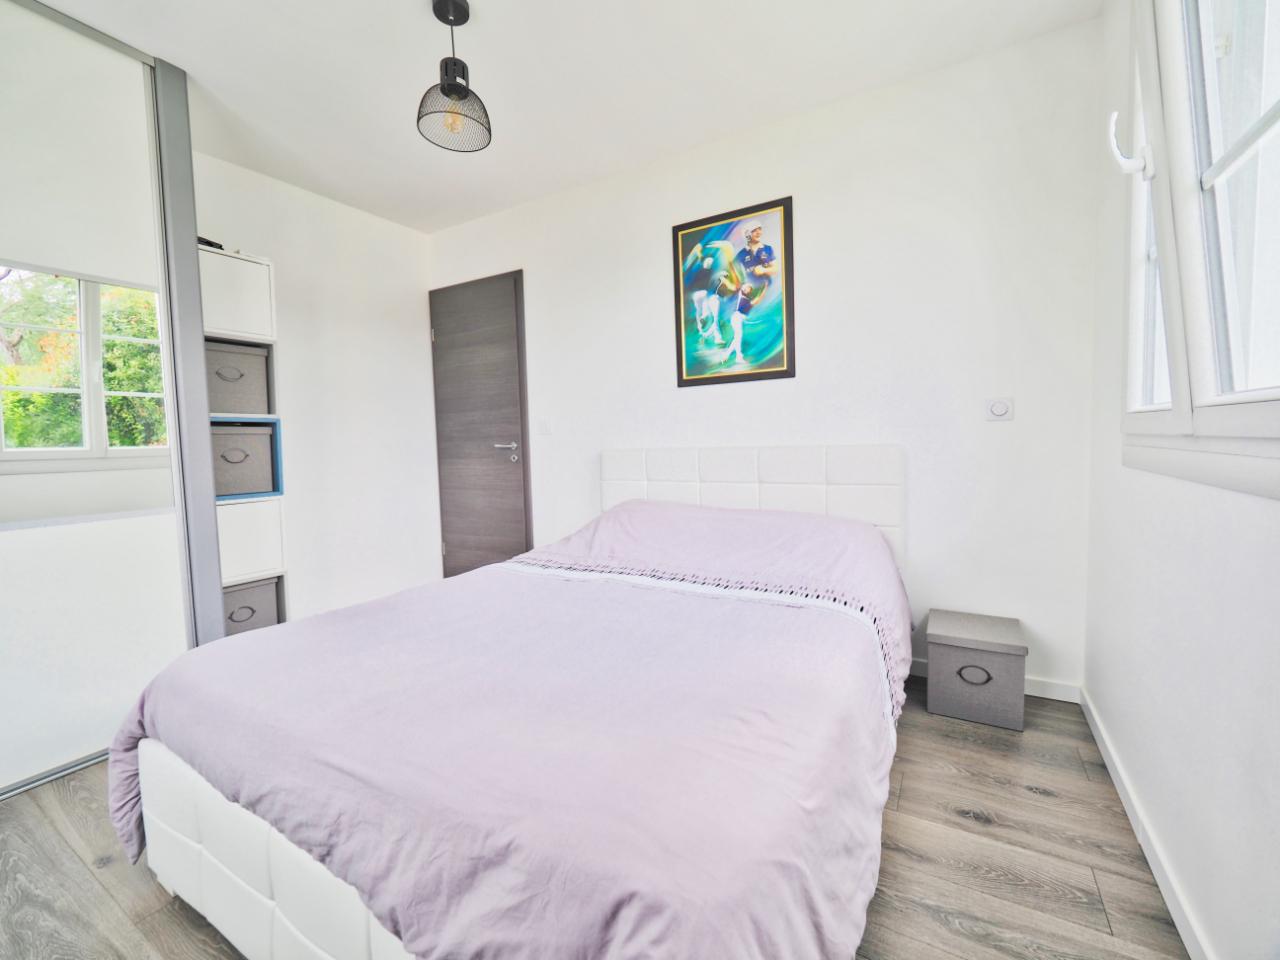 Vente appartement T3  à ASCAIN - 5